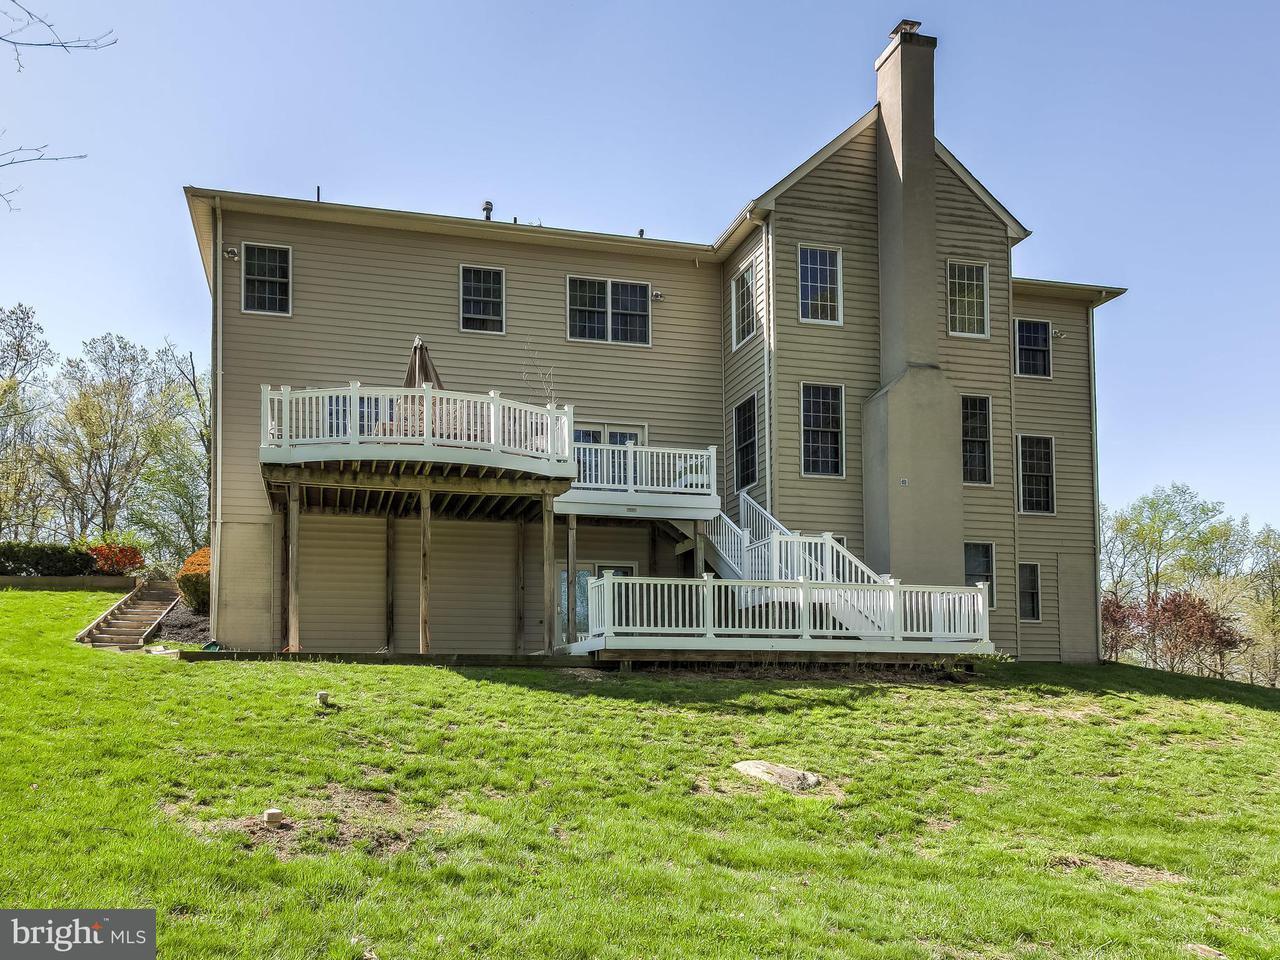 Μονοκατοικία για την Πώληση στο 406 Buedel Court 406 Buedel Court Sparks, Μεριλαντ 21152 Ηνωμενεσ Πολιτειεσ